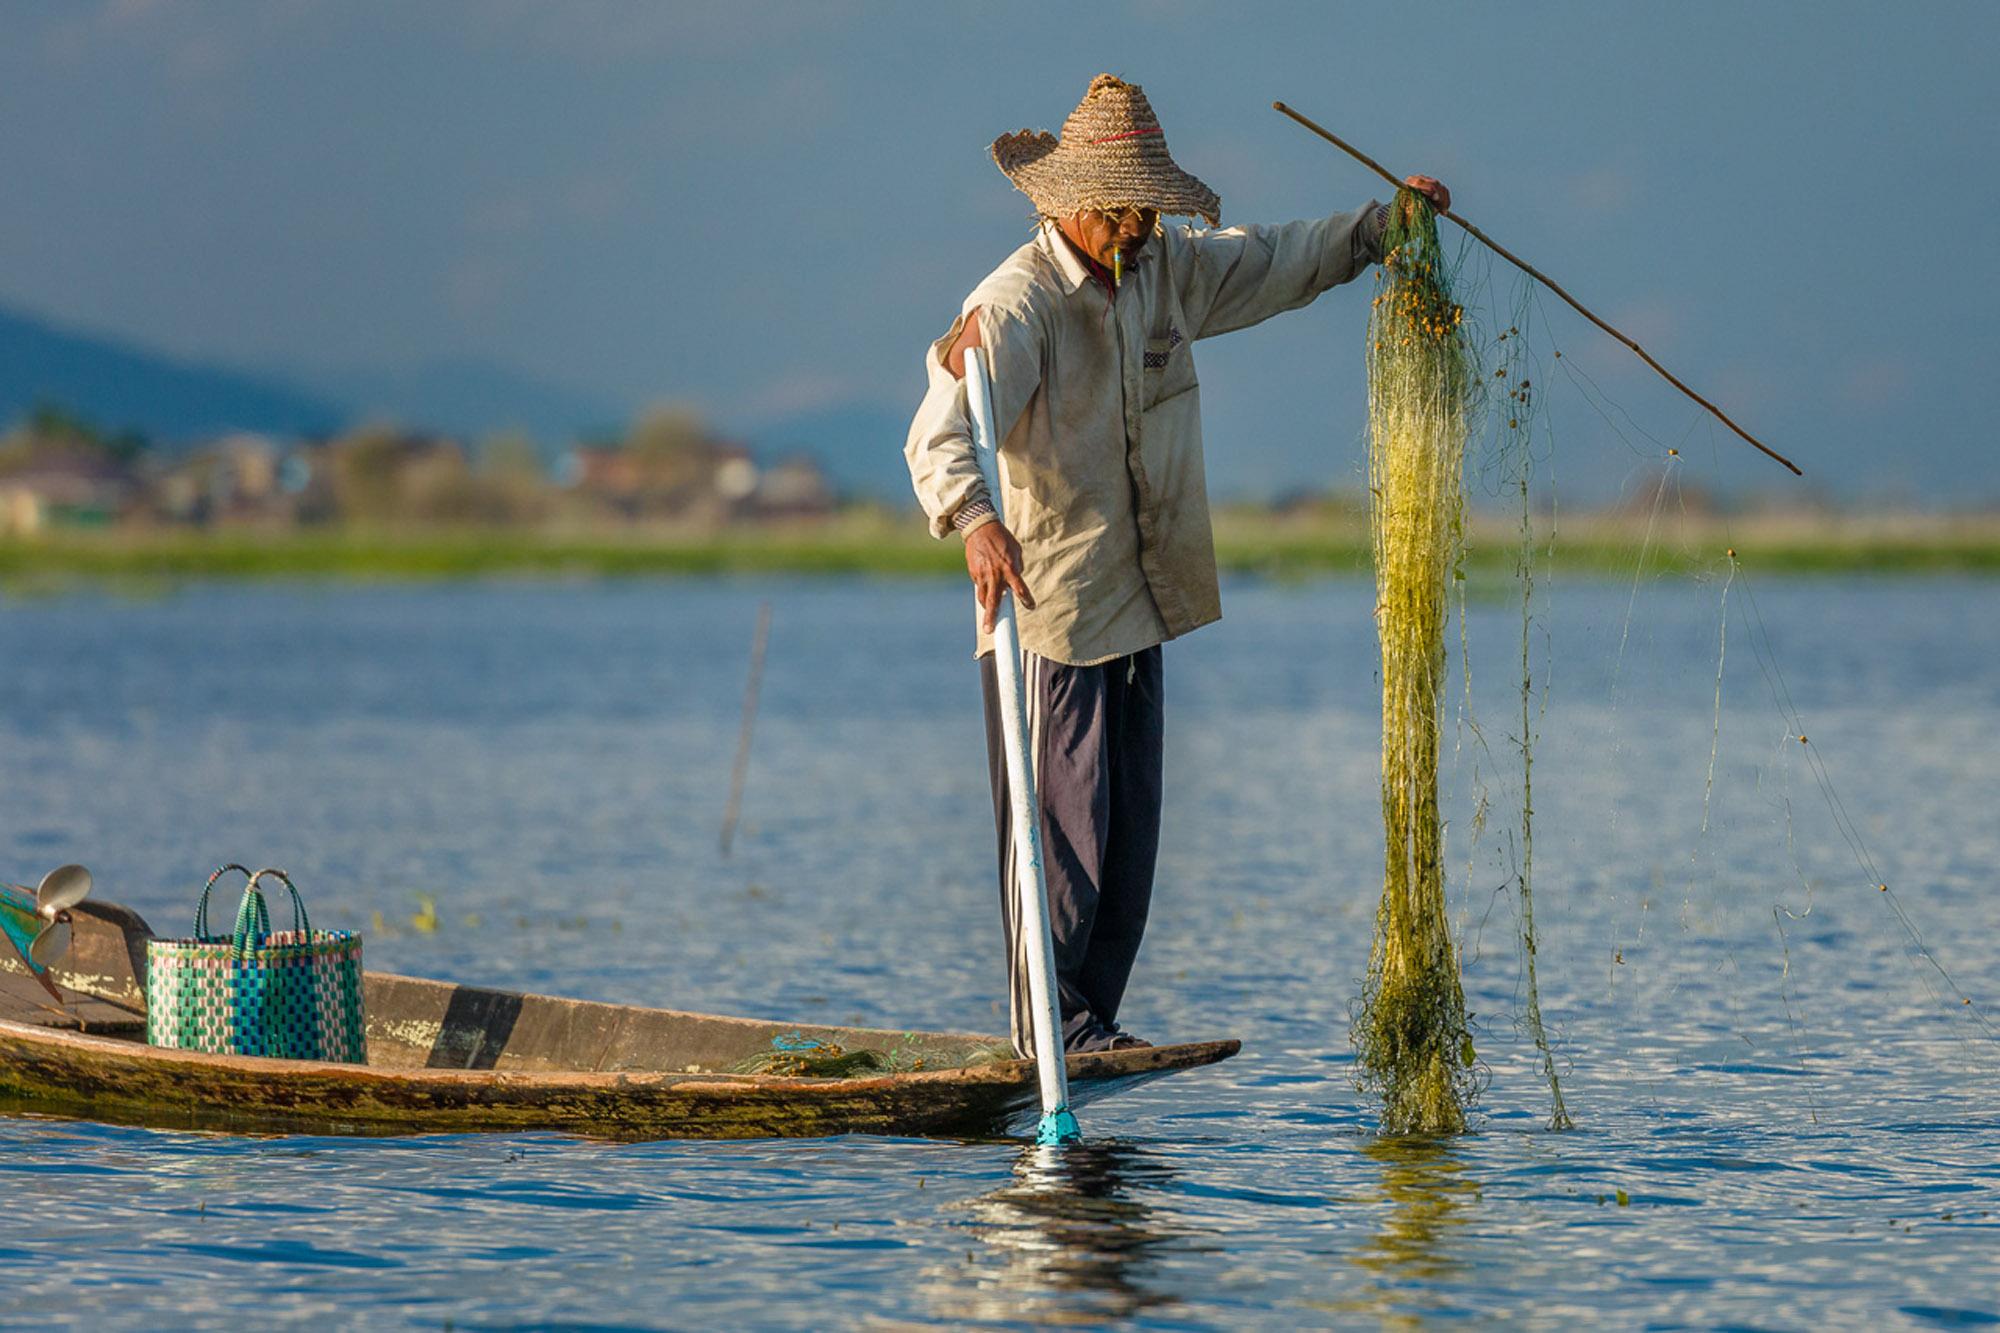 Traditional, sustainable fishing, Myanmar